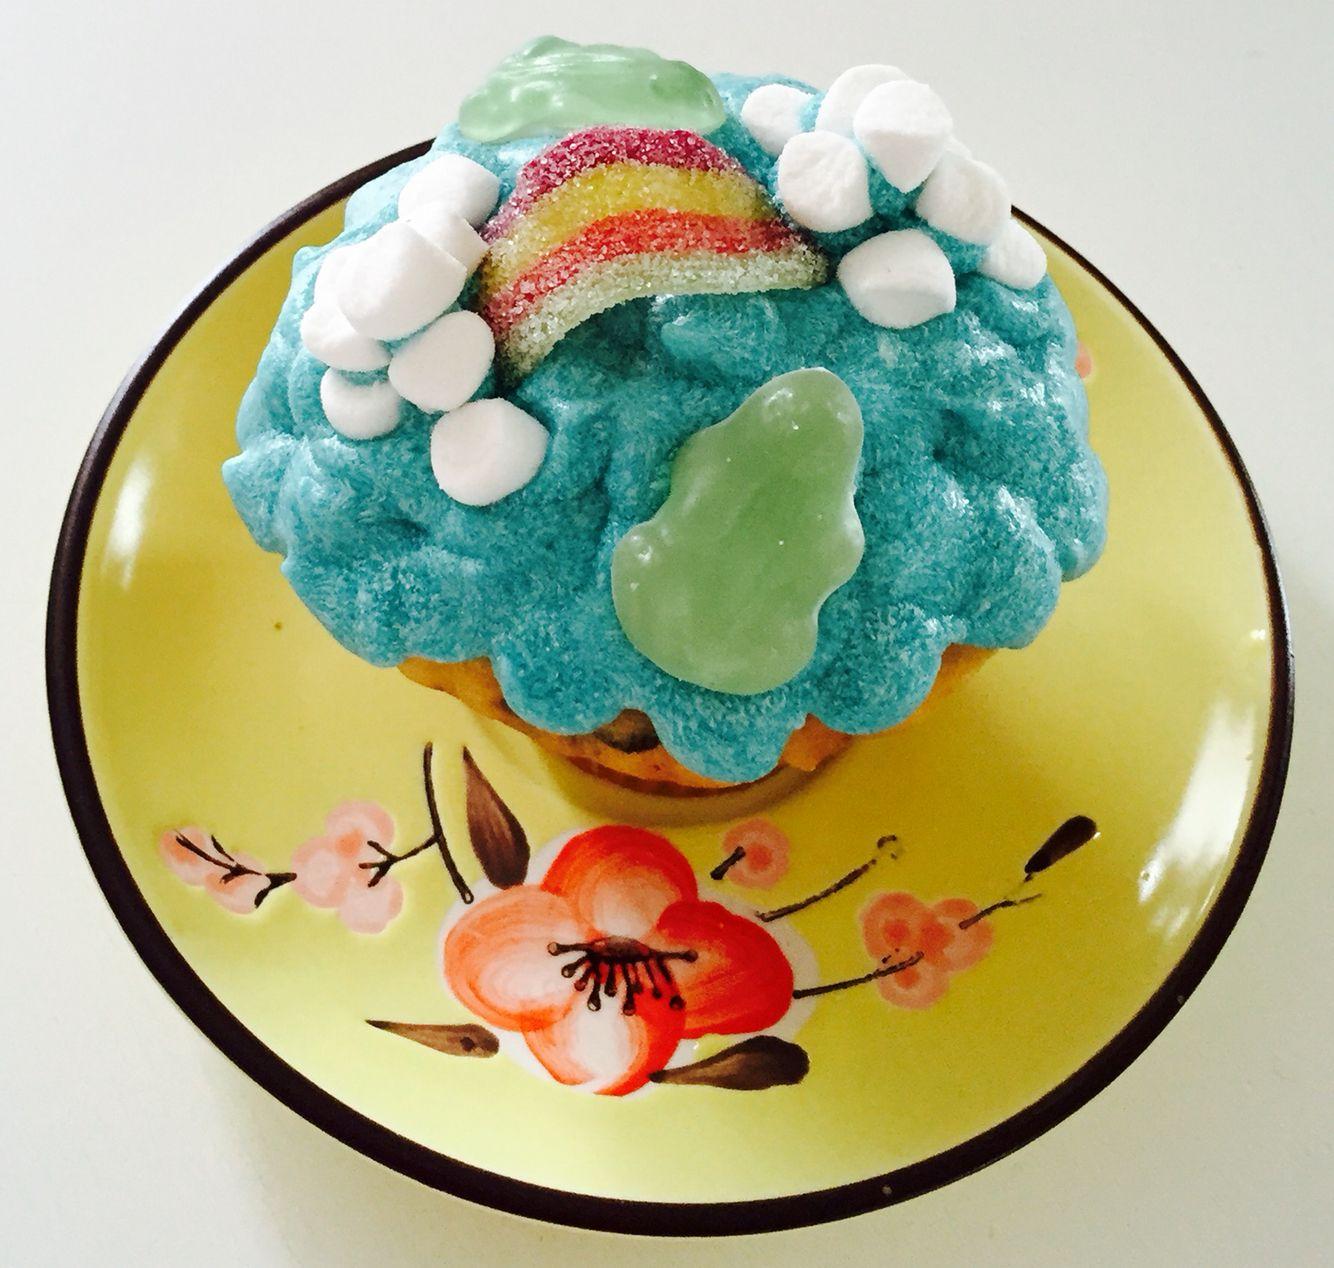 Chokolade muffin med blå creamchese topping og pynt.